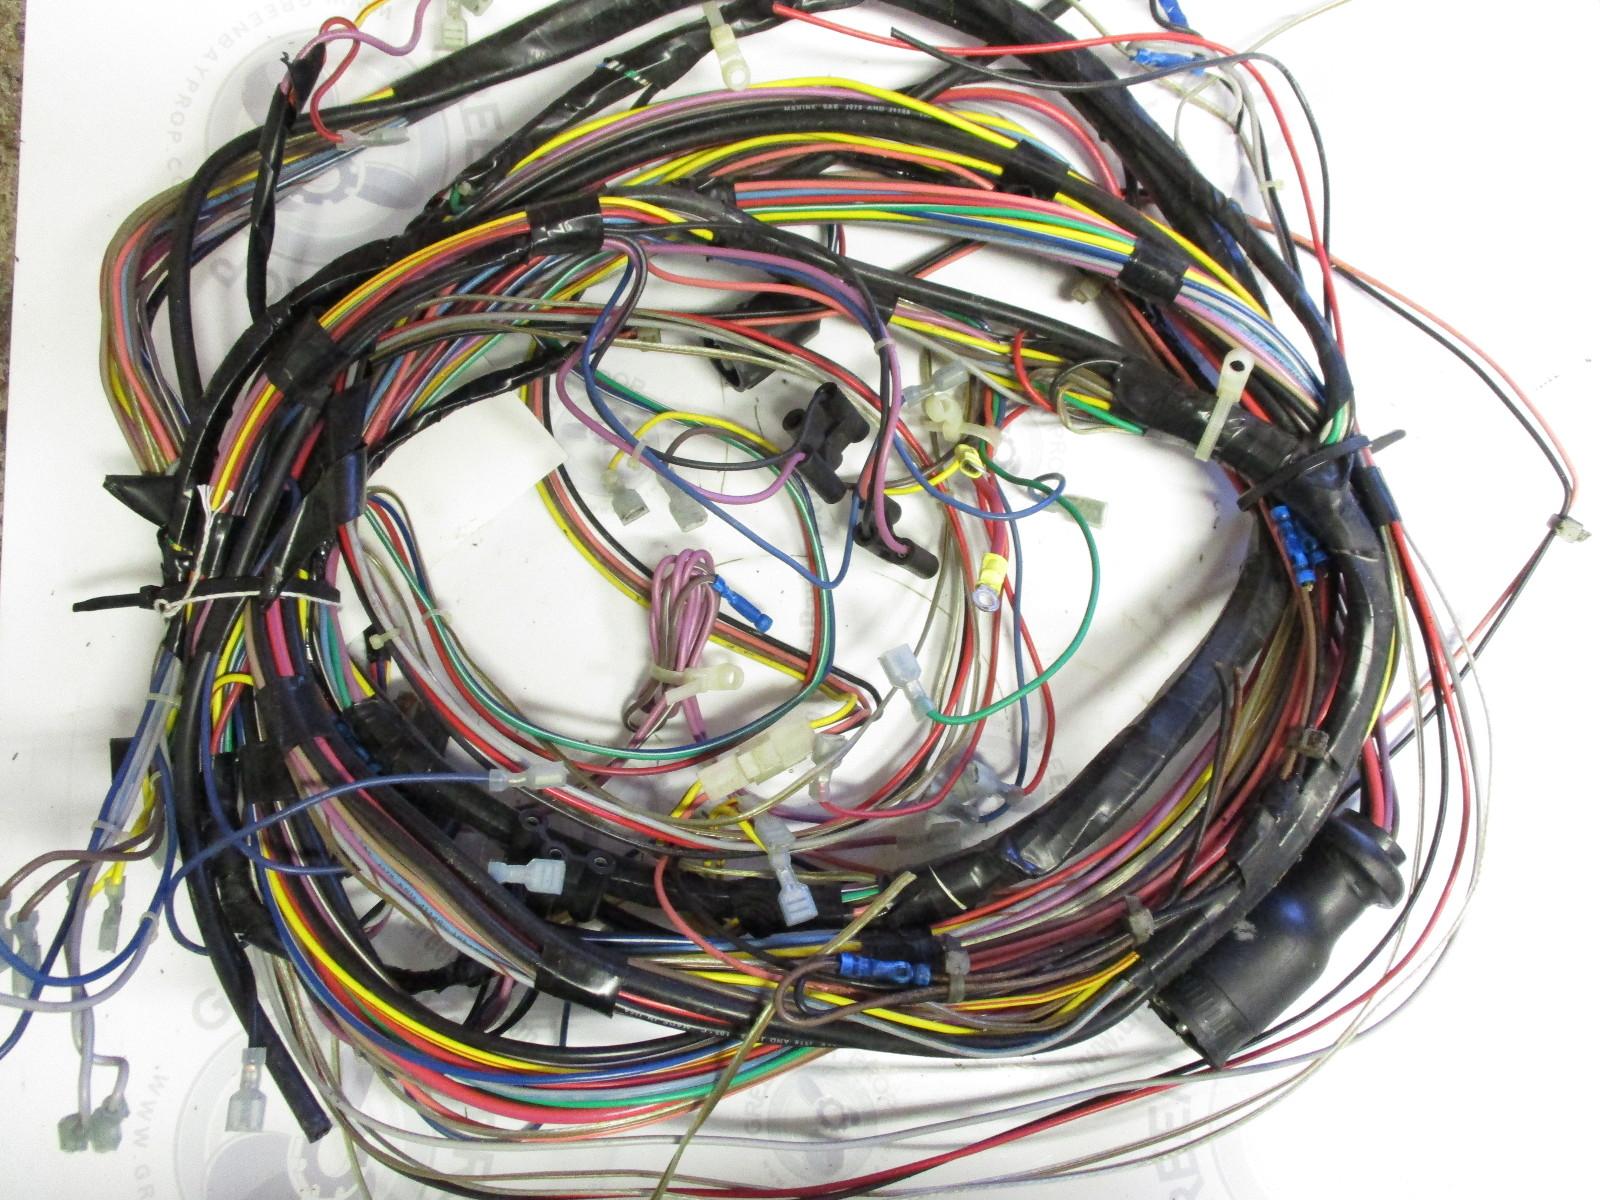 232bmrmed omc cobra 2 3l engine complete wiring harness 16. Black Bedroom Furniture Sets. Home Design Ideas